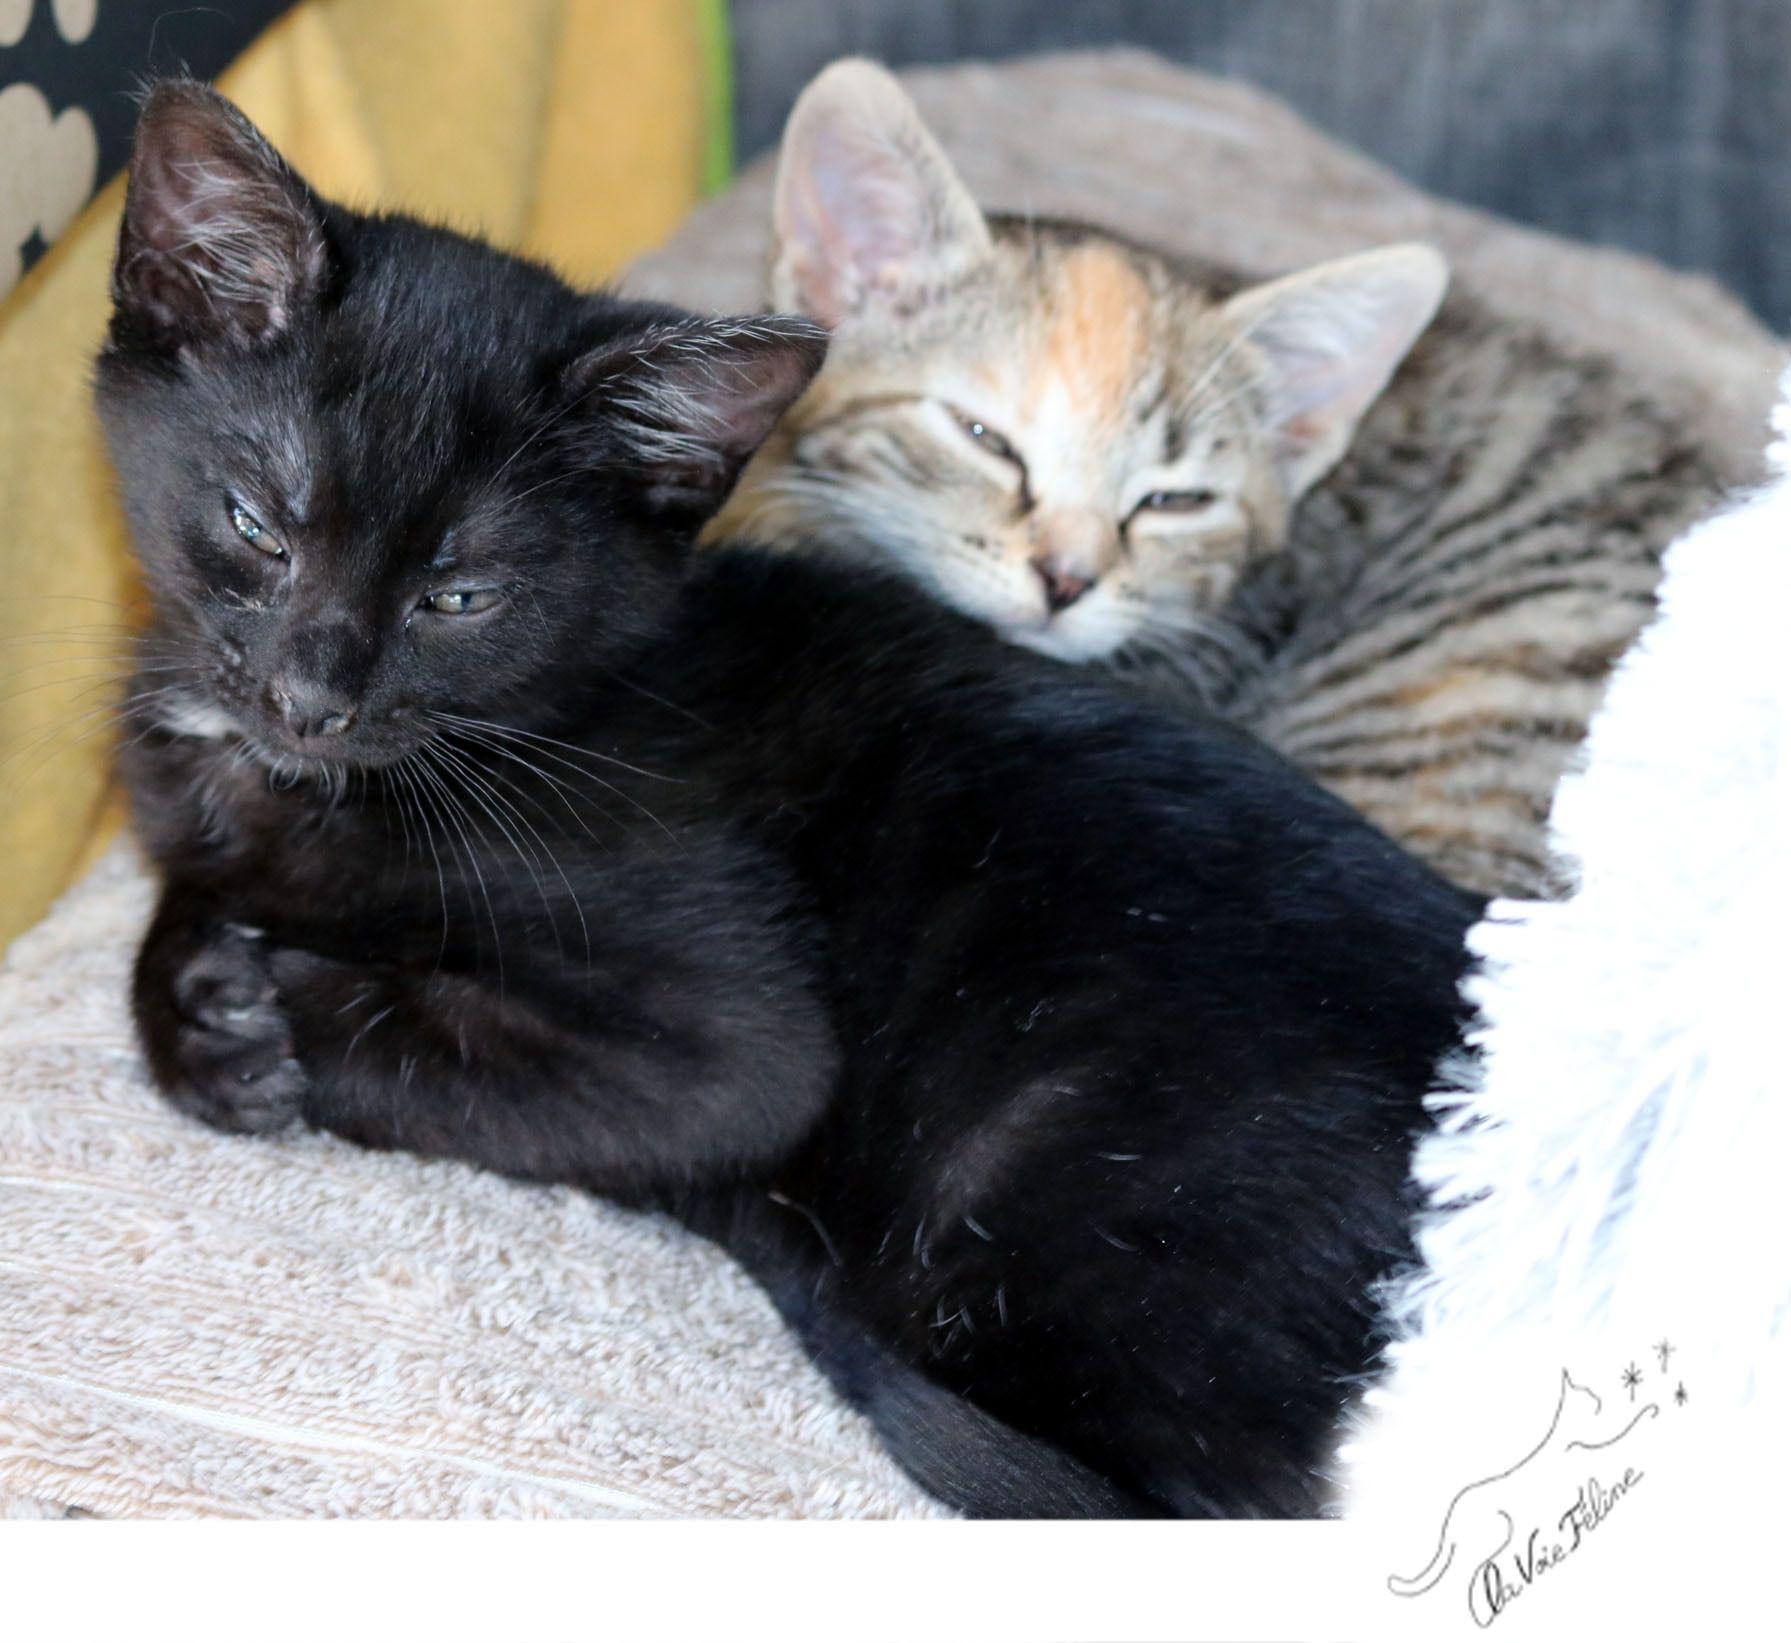 Arya et Stark - Adopter un chat – Ile de France